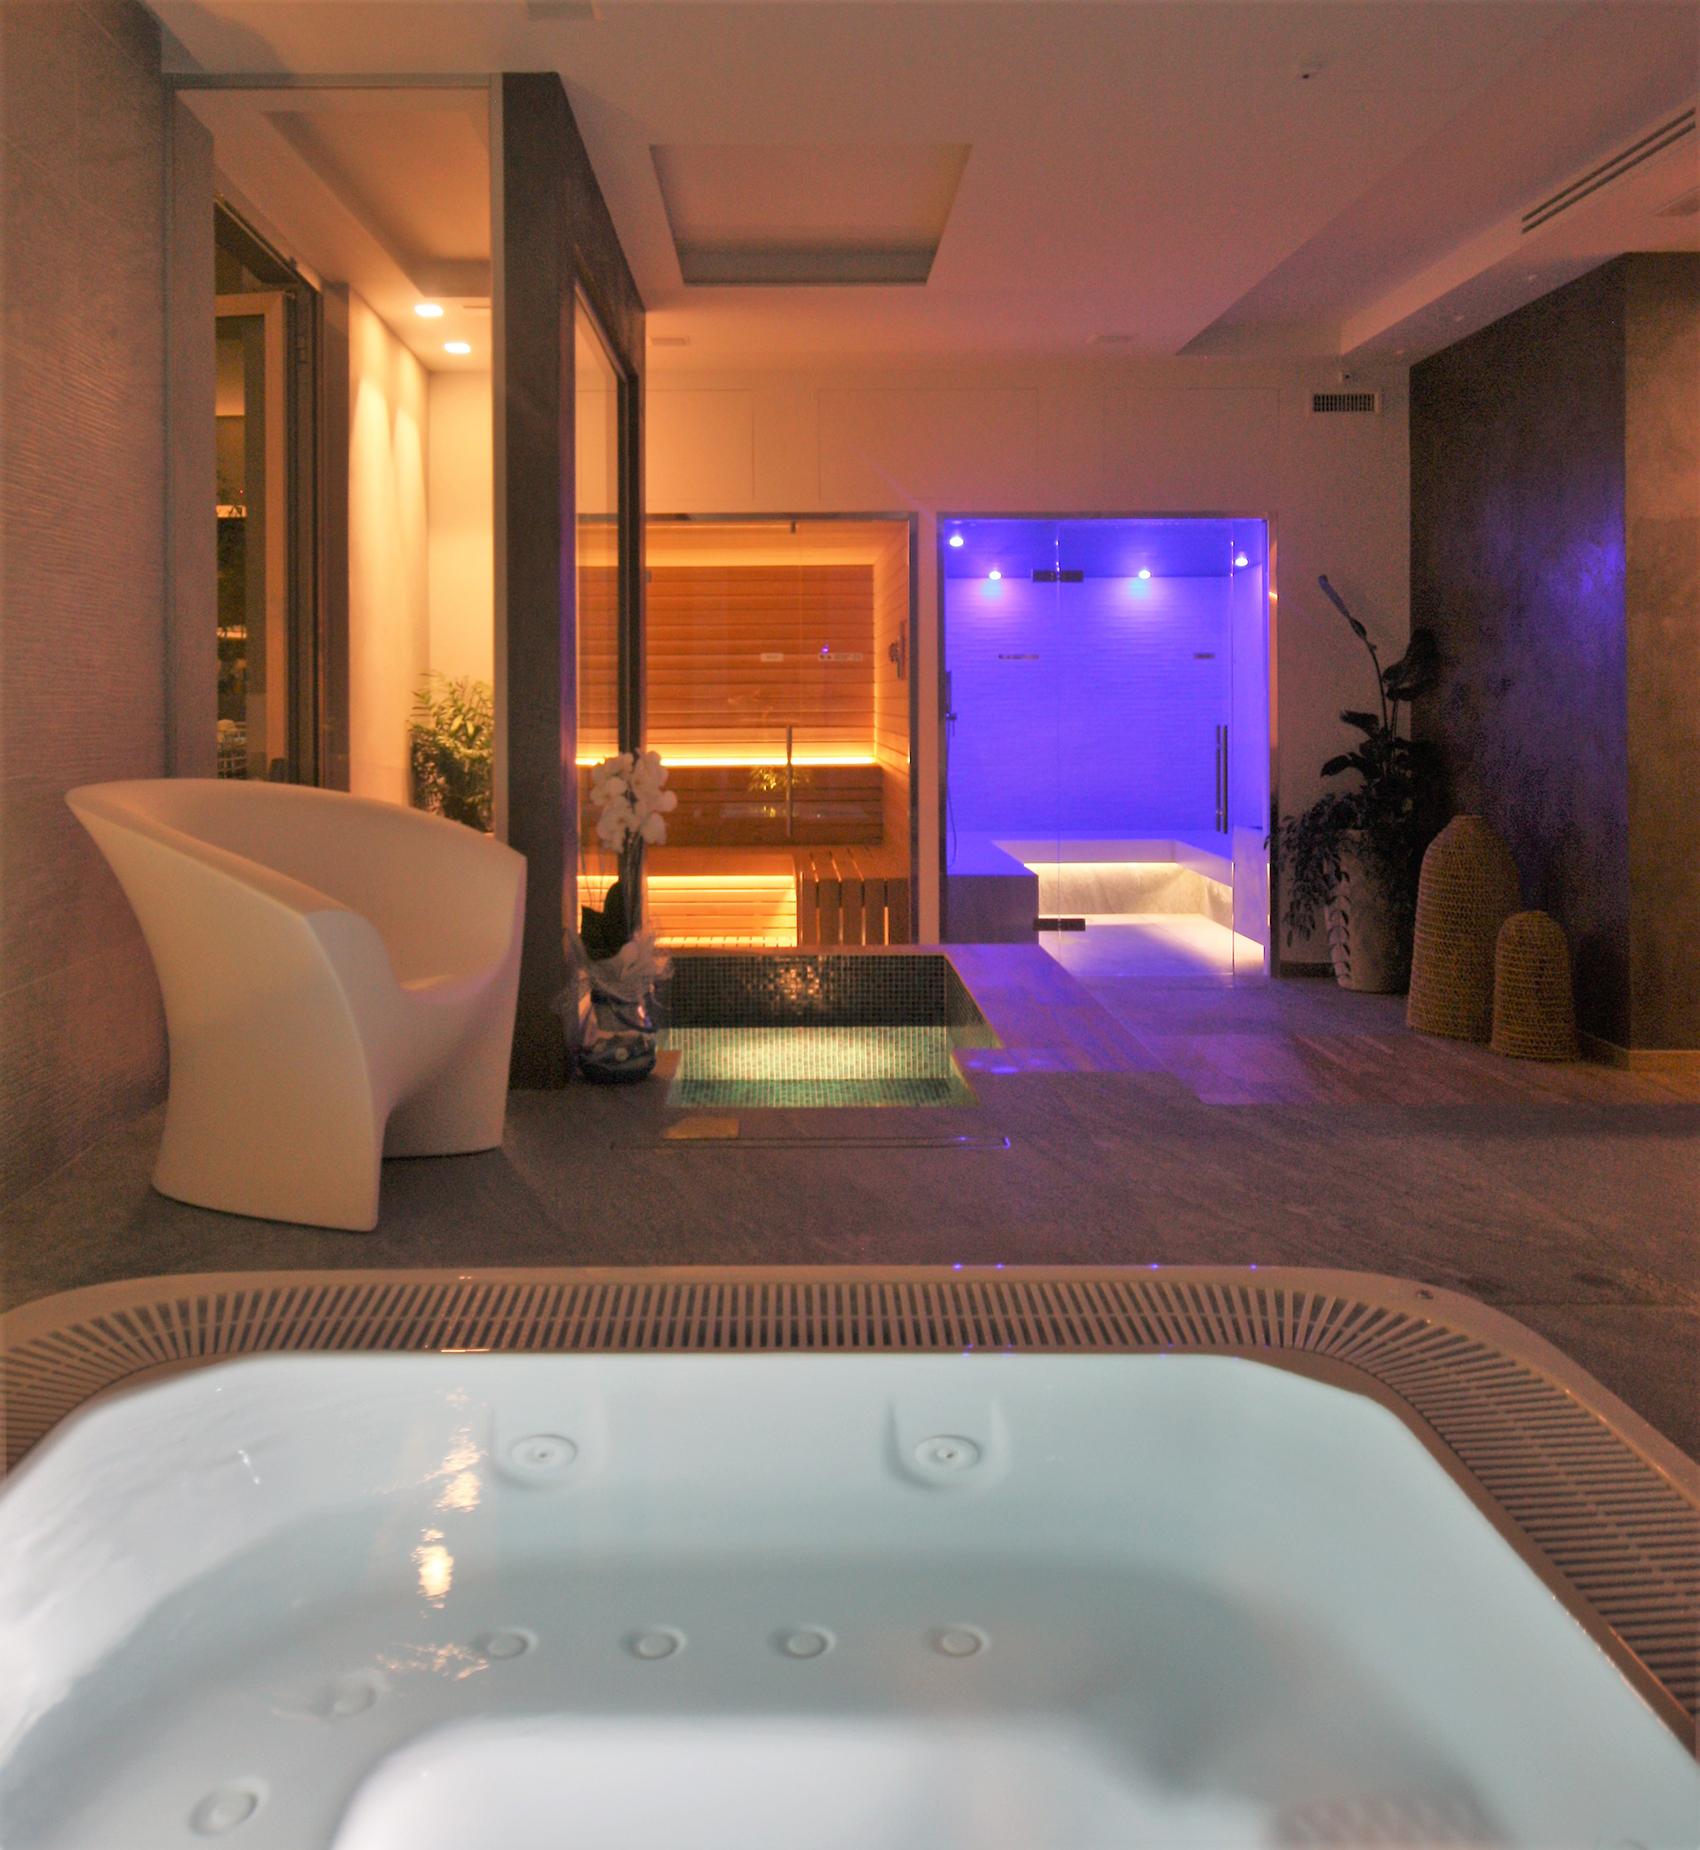 Hotel Morigi Bagno turco sauna finlandese Pozzo ghiacciato